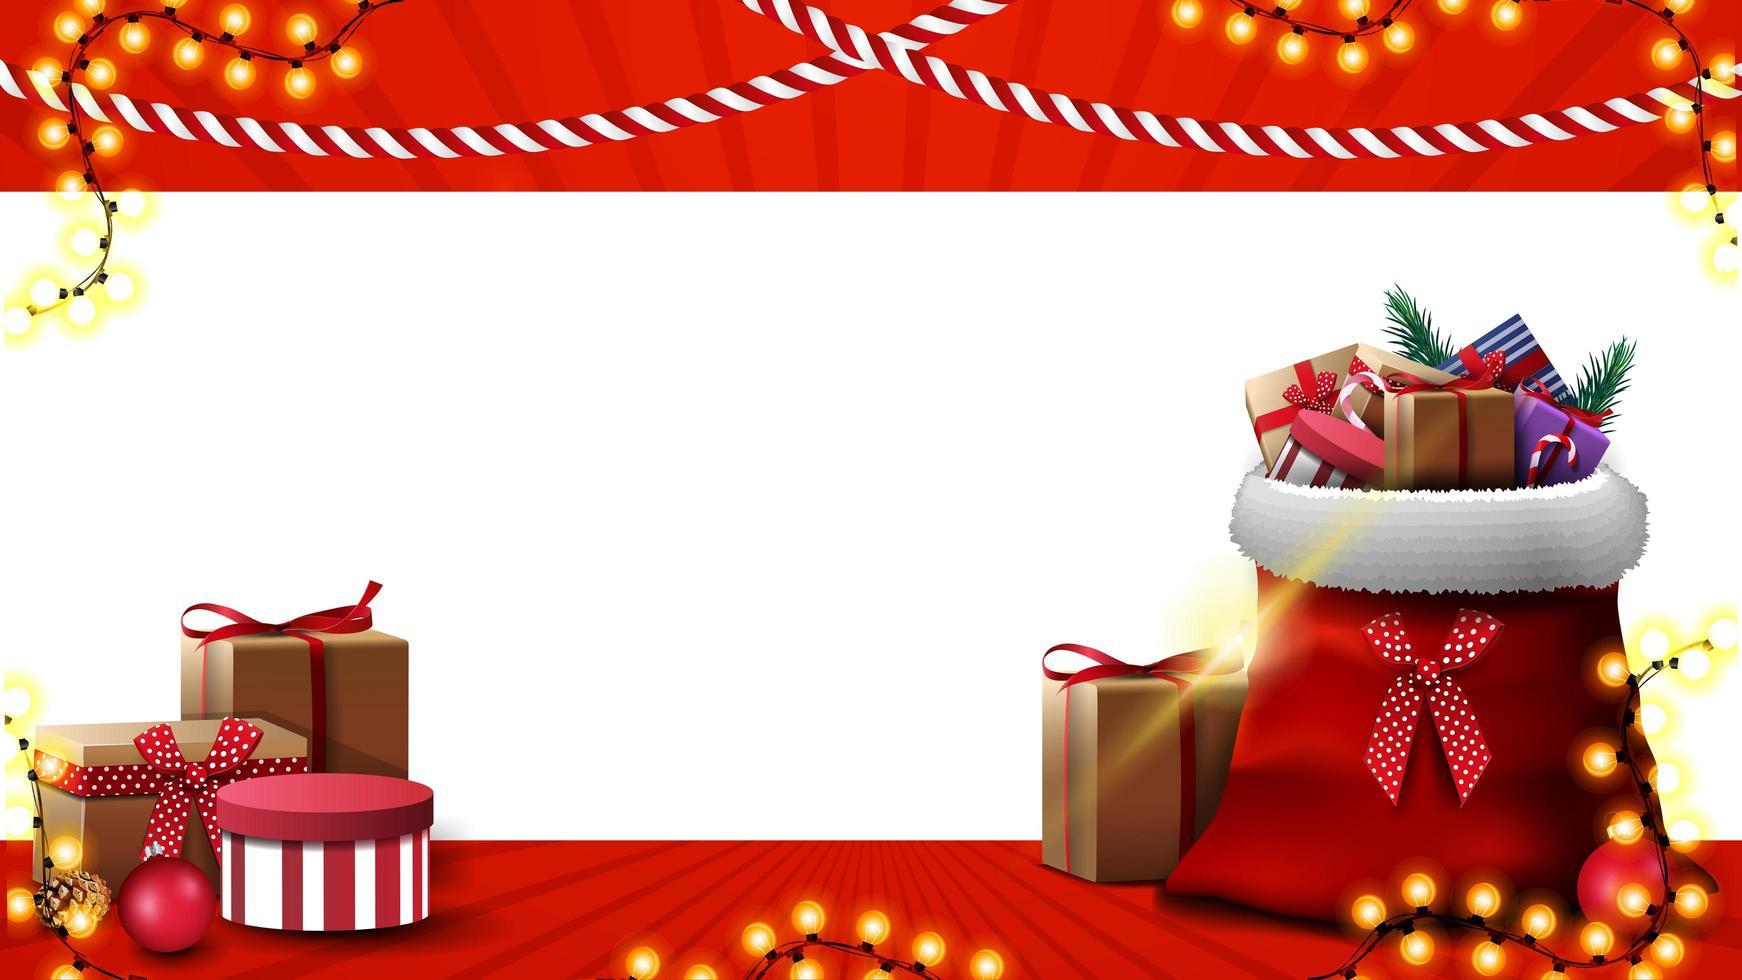 modelo de Natal para cartão ou banner de desconto. modelo de natal com lugar para o seu texto e bolsa de papai noel com presentes vetor